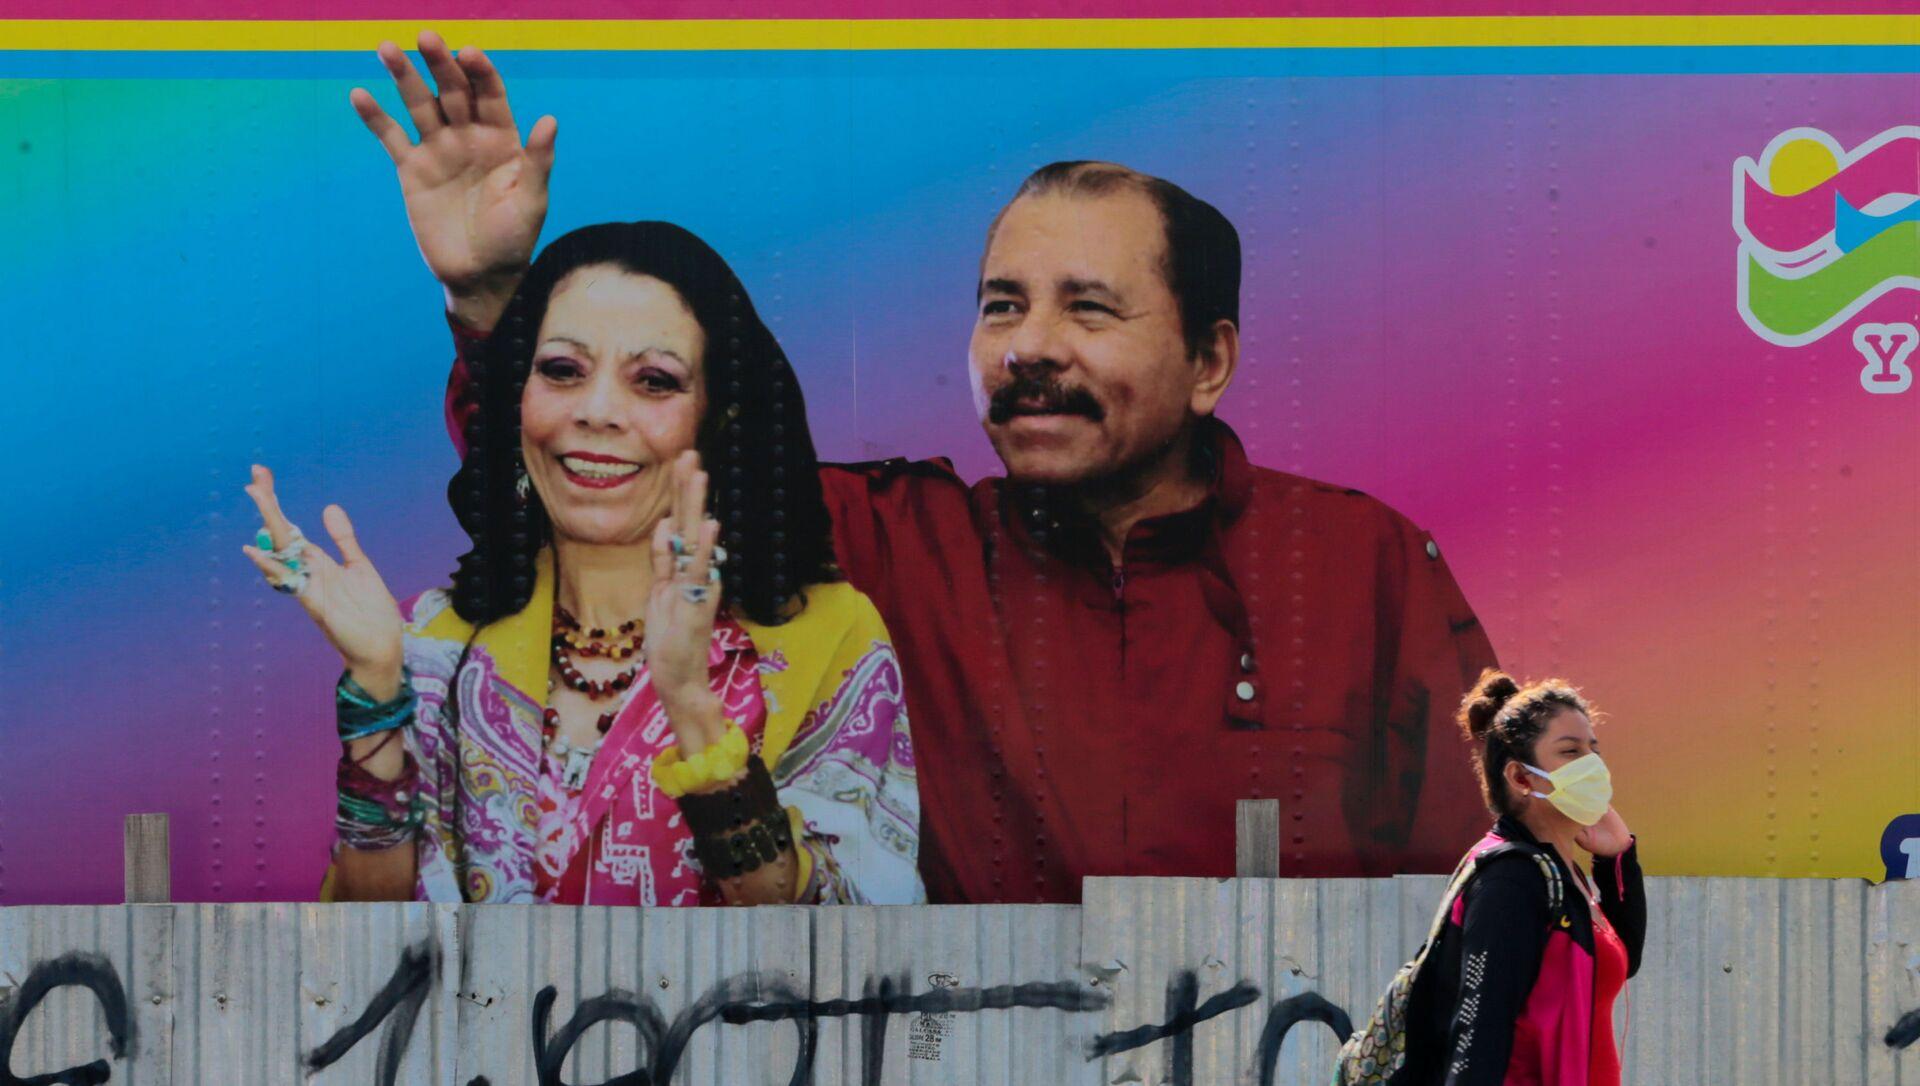 El presidente de Nicaragua, Daniel Ortega, y la vicepresidenta de la República, Rosario Murillo - Sputnik Mundo, 1920, 22.04.2020